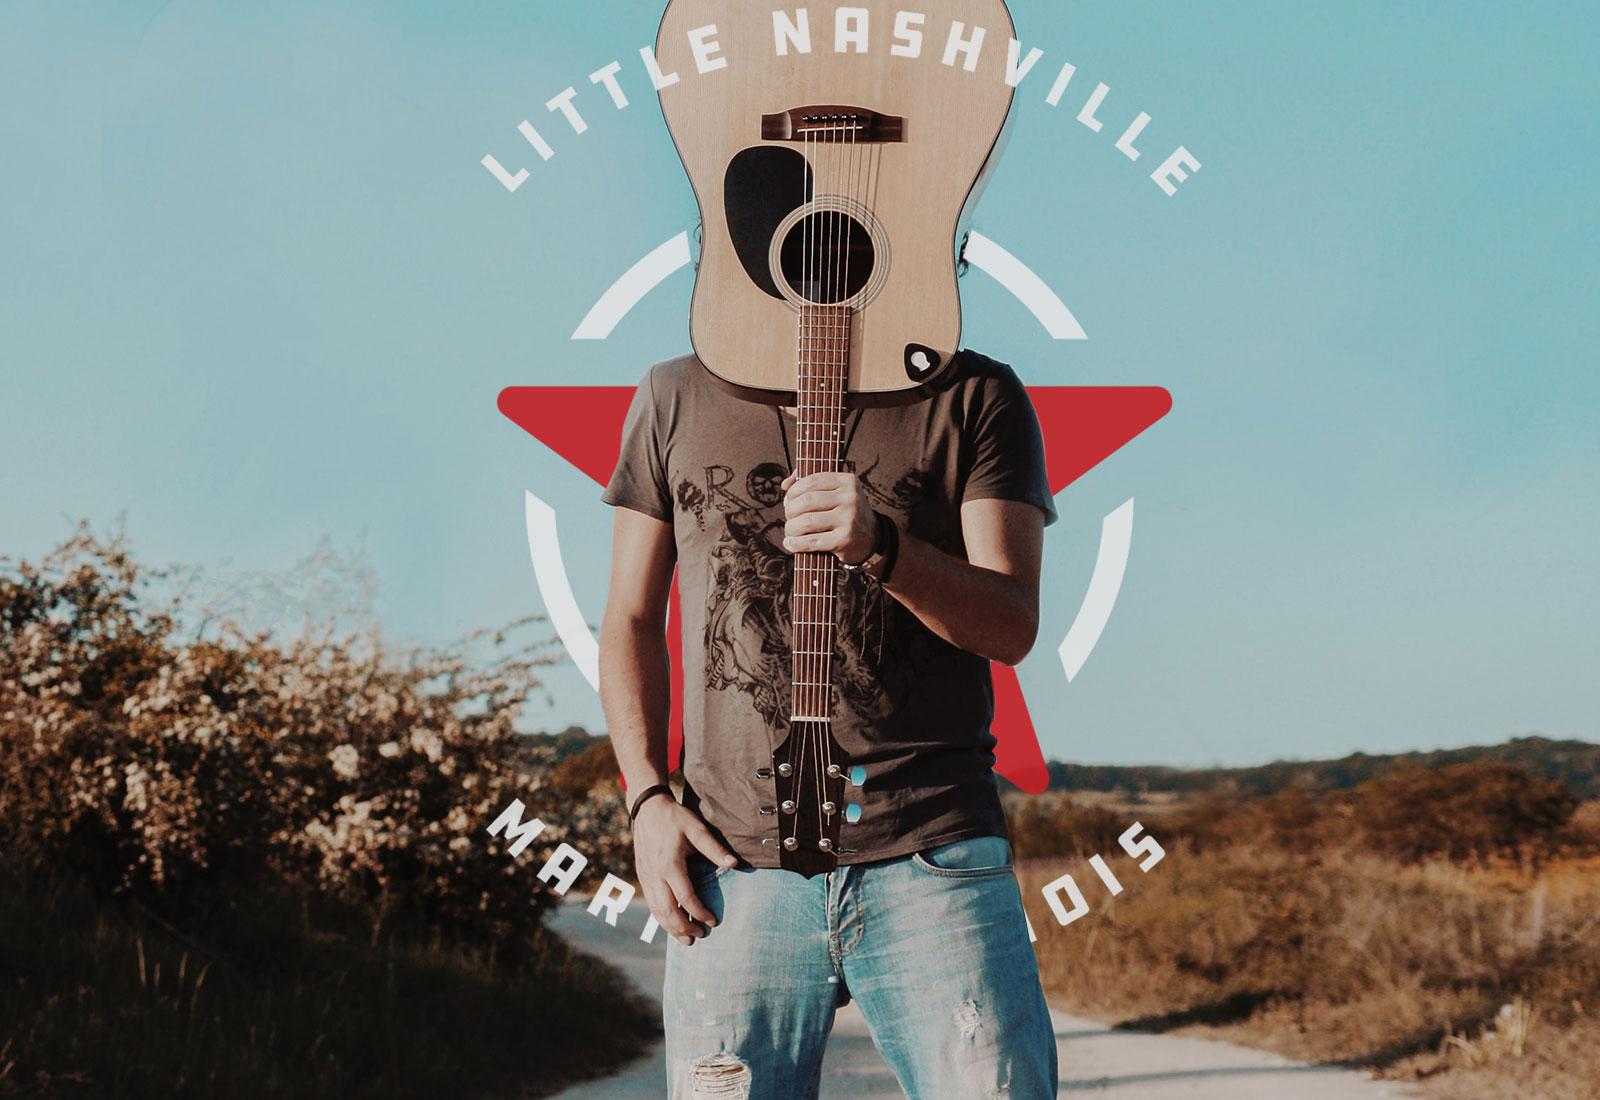 Little Nashville Interior Mood 3